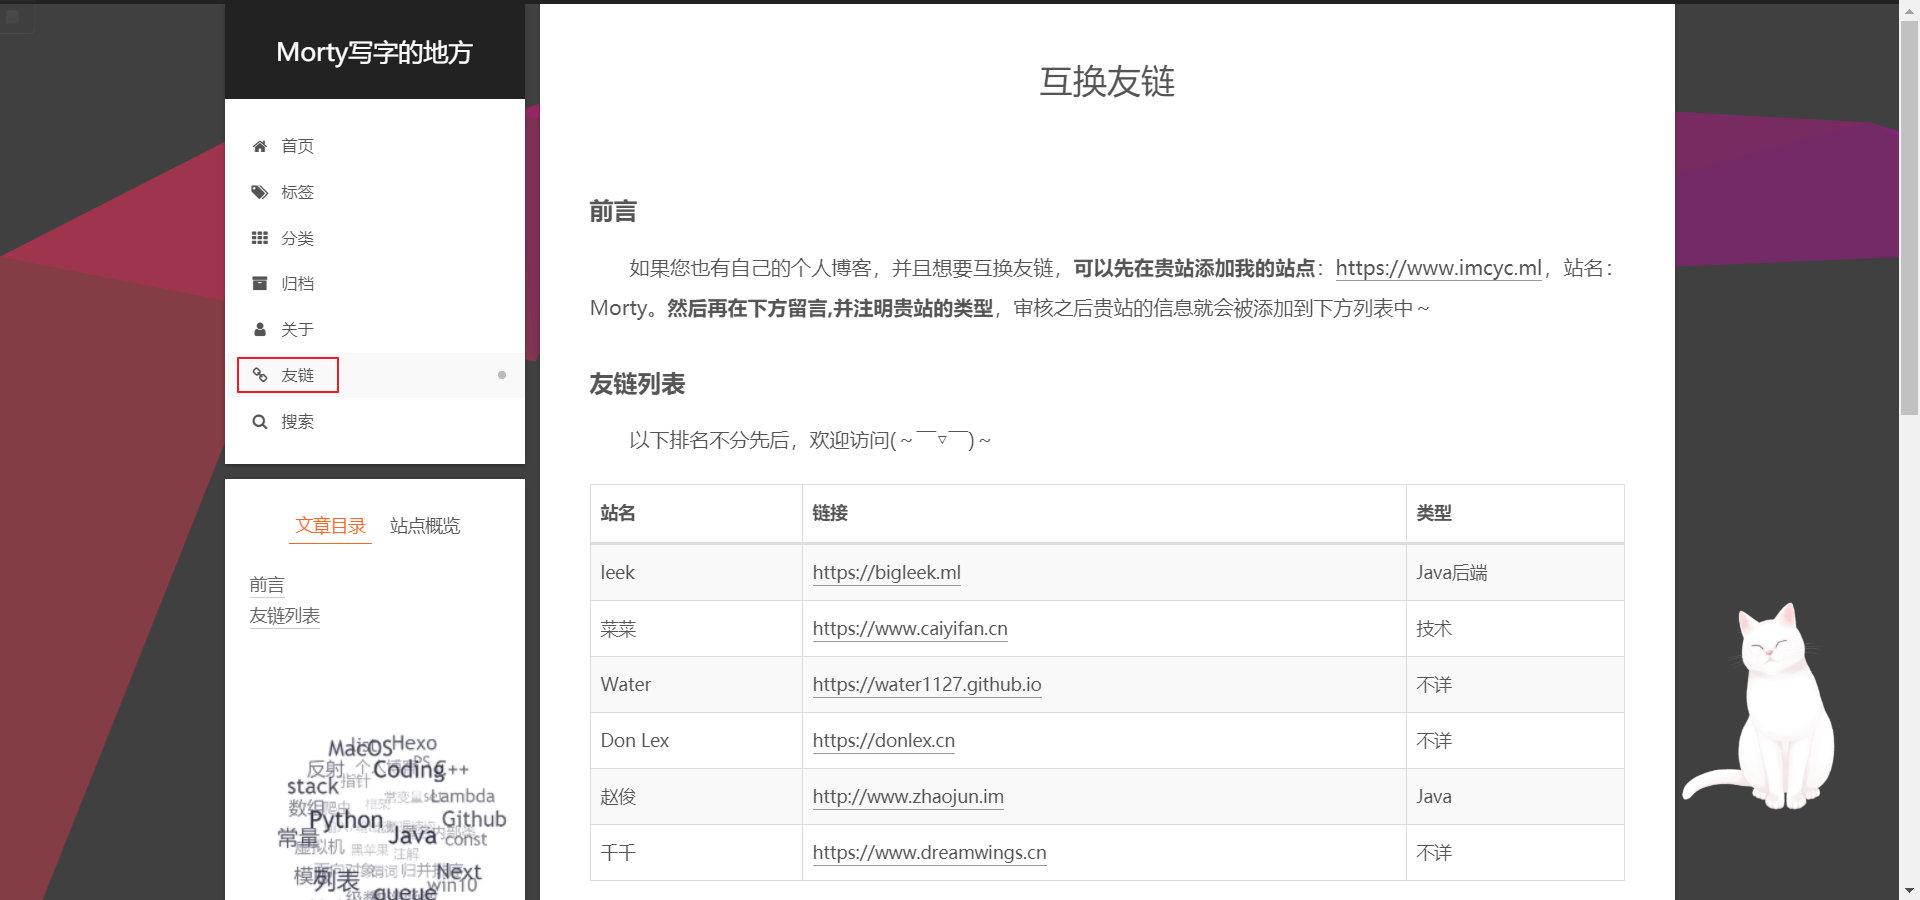 图2 友链网页示意图